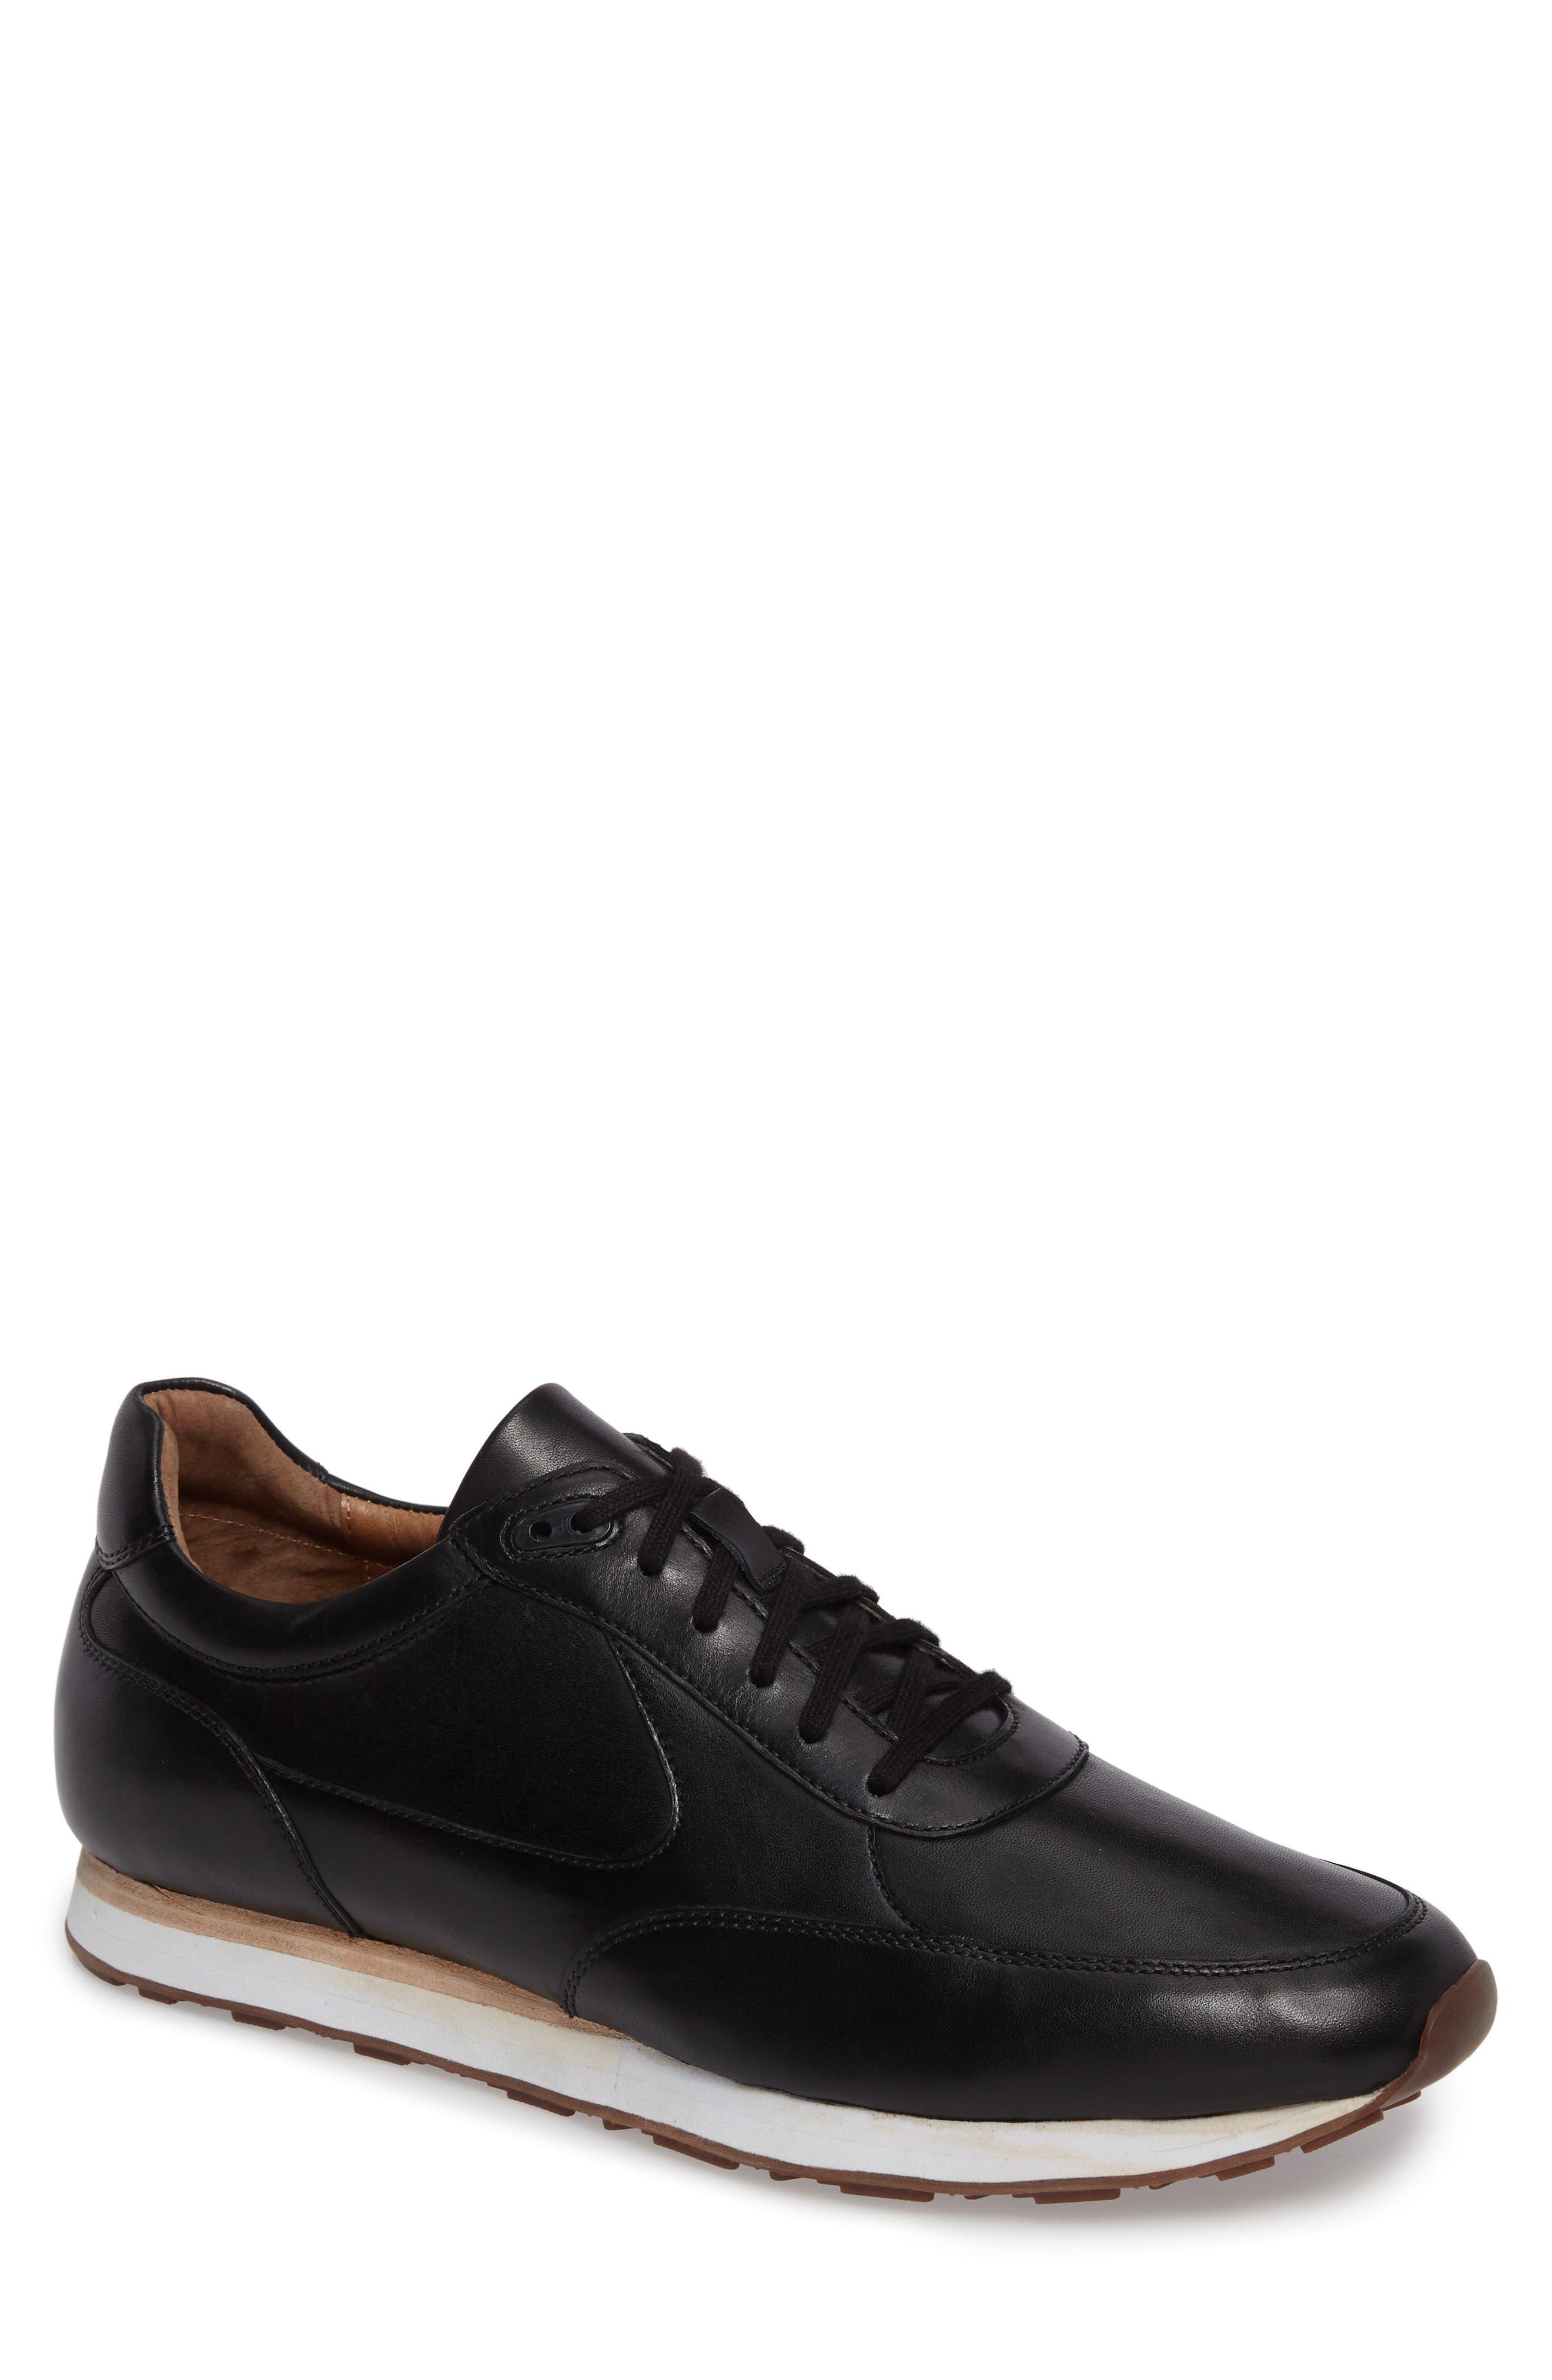 Malek Sneaker,                             Main thumbnail 1, color,                             Black Leather